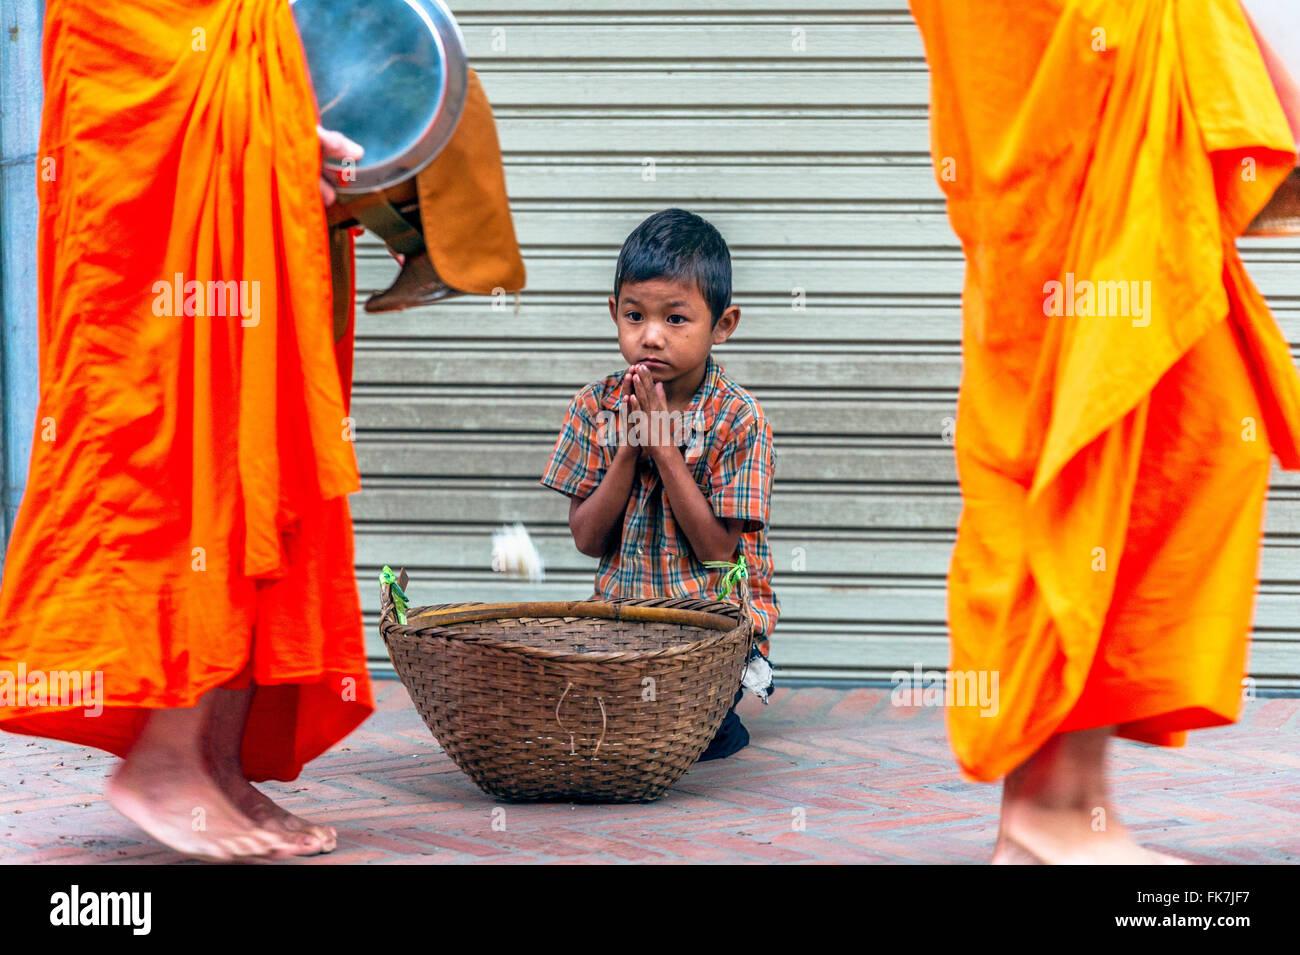 Asia. Il sud-est asiatico. Laos. Provincia di Luang Prabang, città di Luang Prabang, povero piccolo ragazzo Immagini Stock